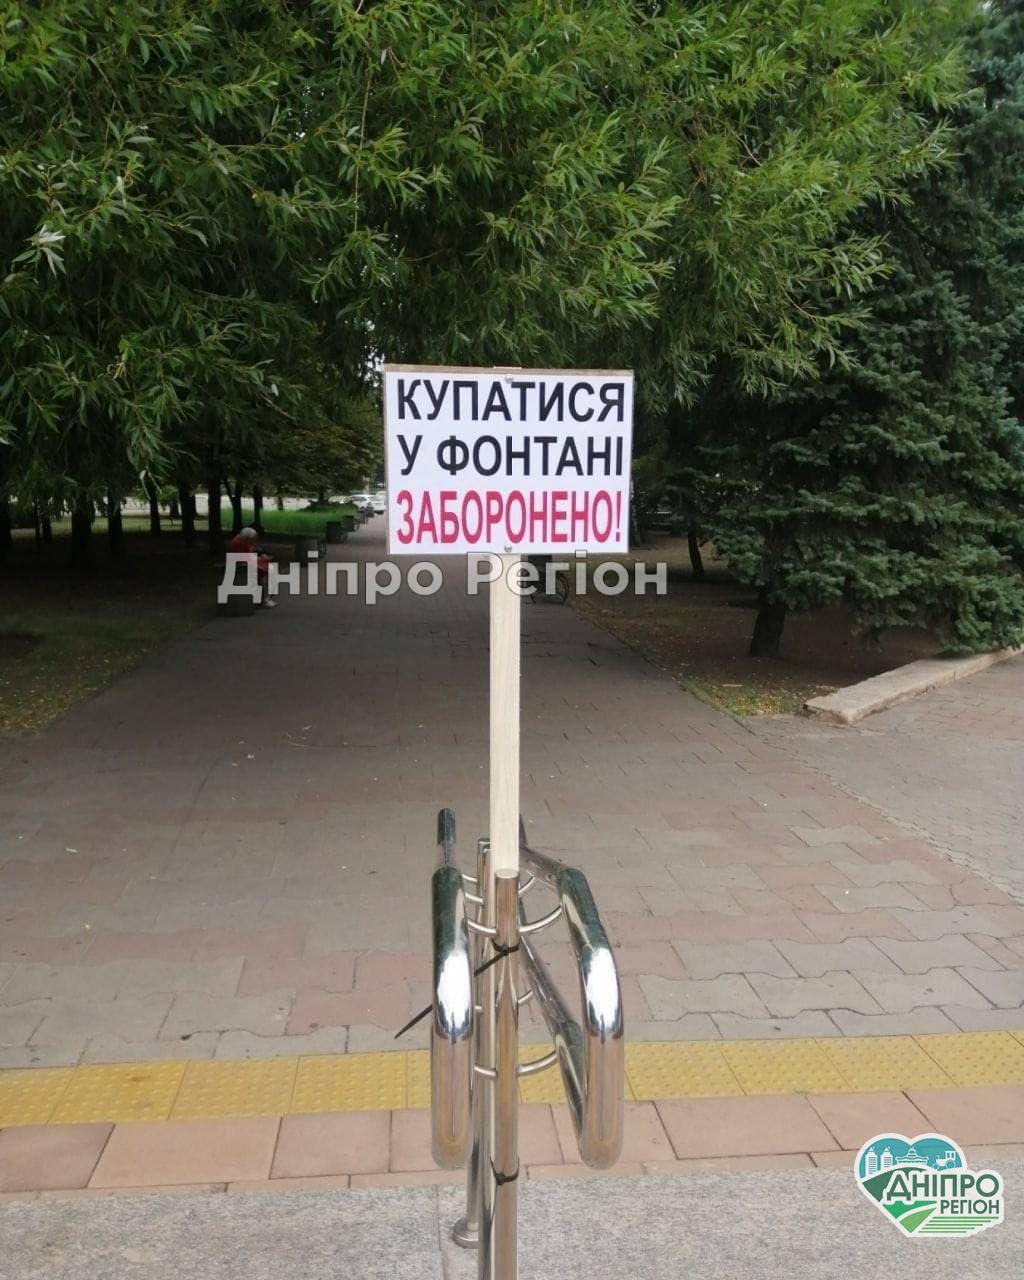 Смерть 4-річного хлопчика: на Дніпропетровщині борються із купанням в міських фонтанах